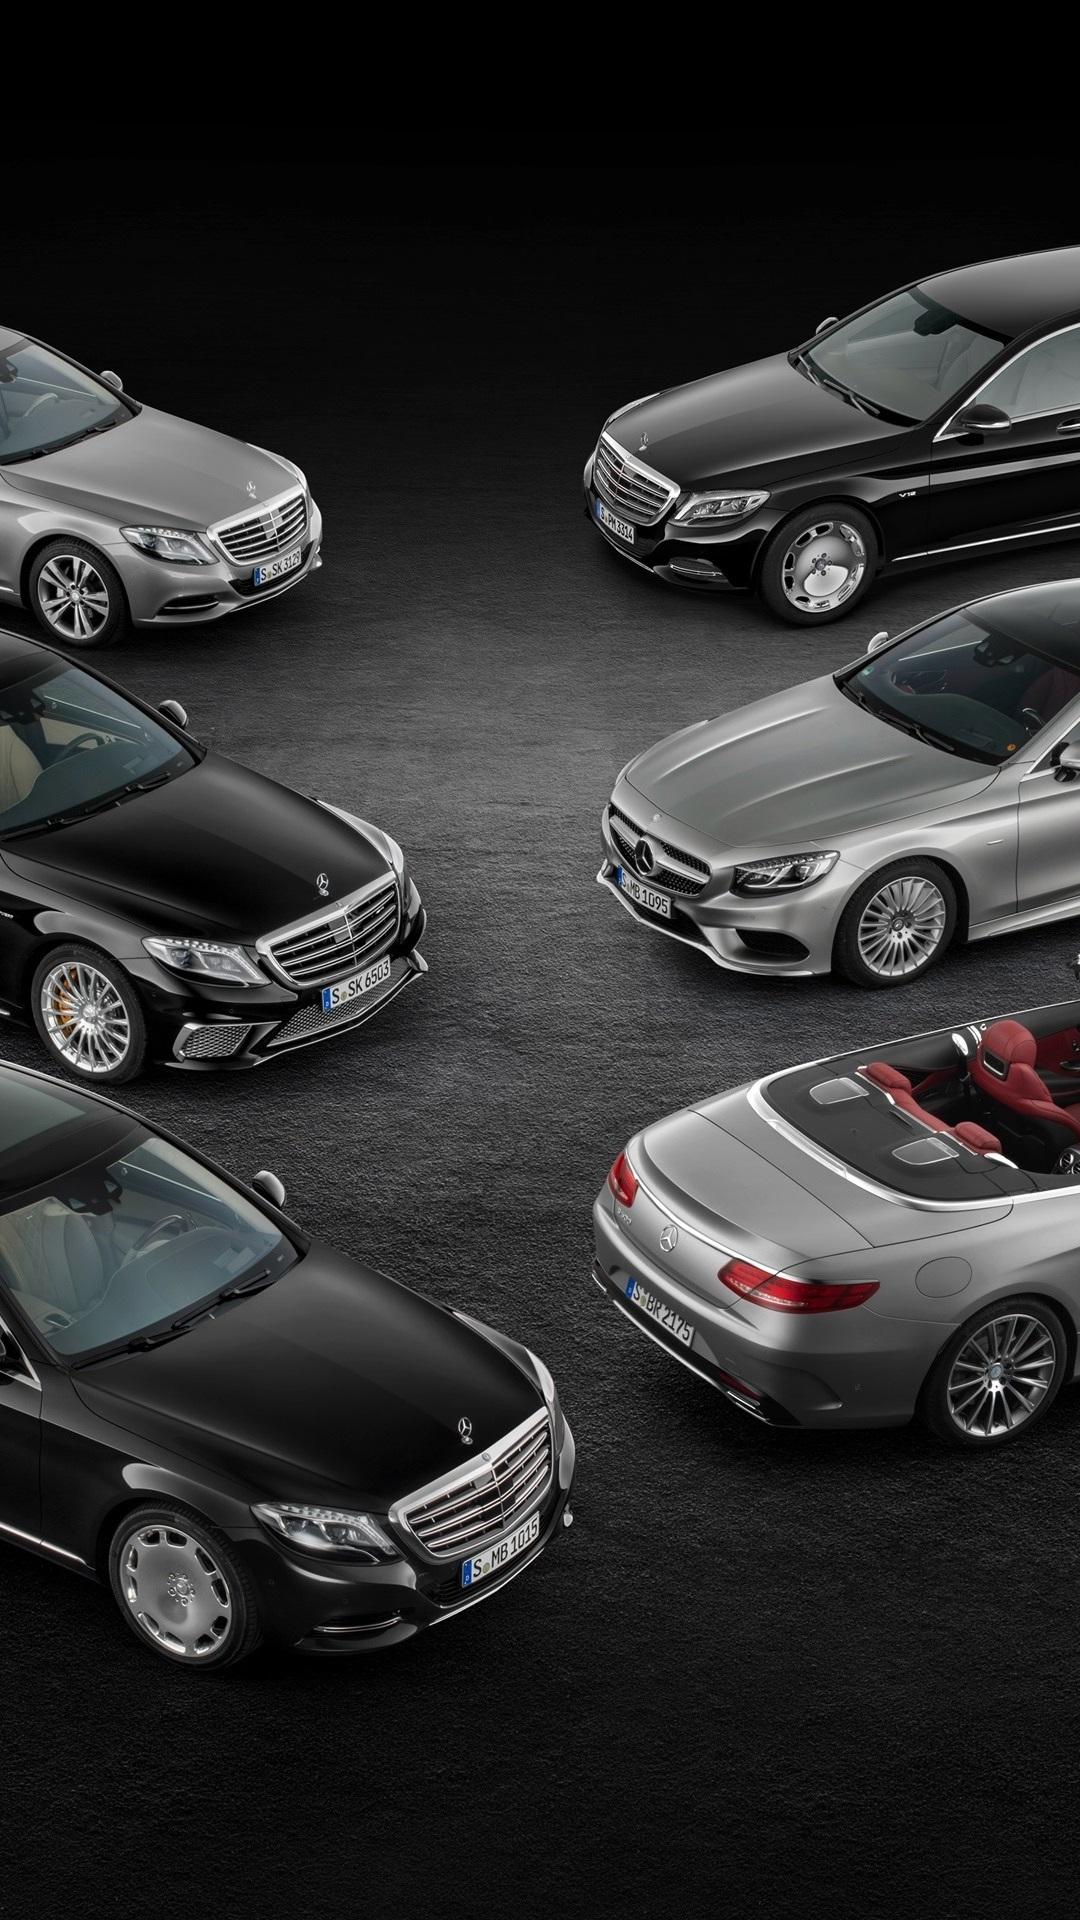 Iphone Wallpaper 2015 Mercedes Benz S Class Cars - Mercedes S Class All Models , HD Wallpaper & Backgrounds